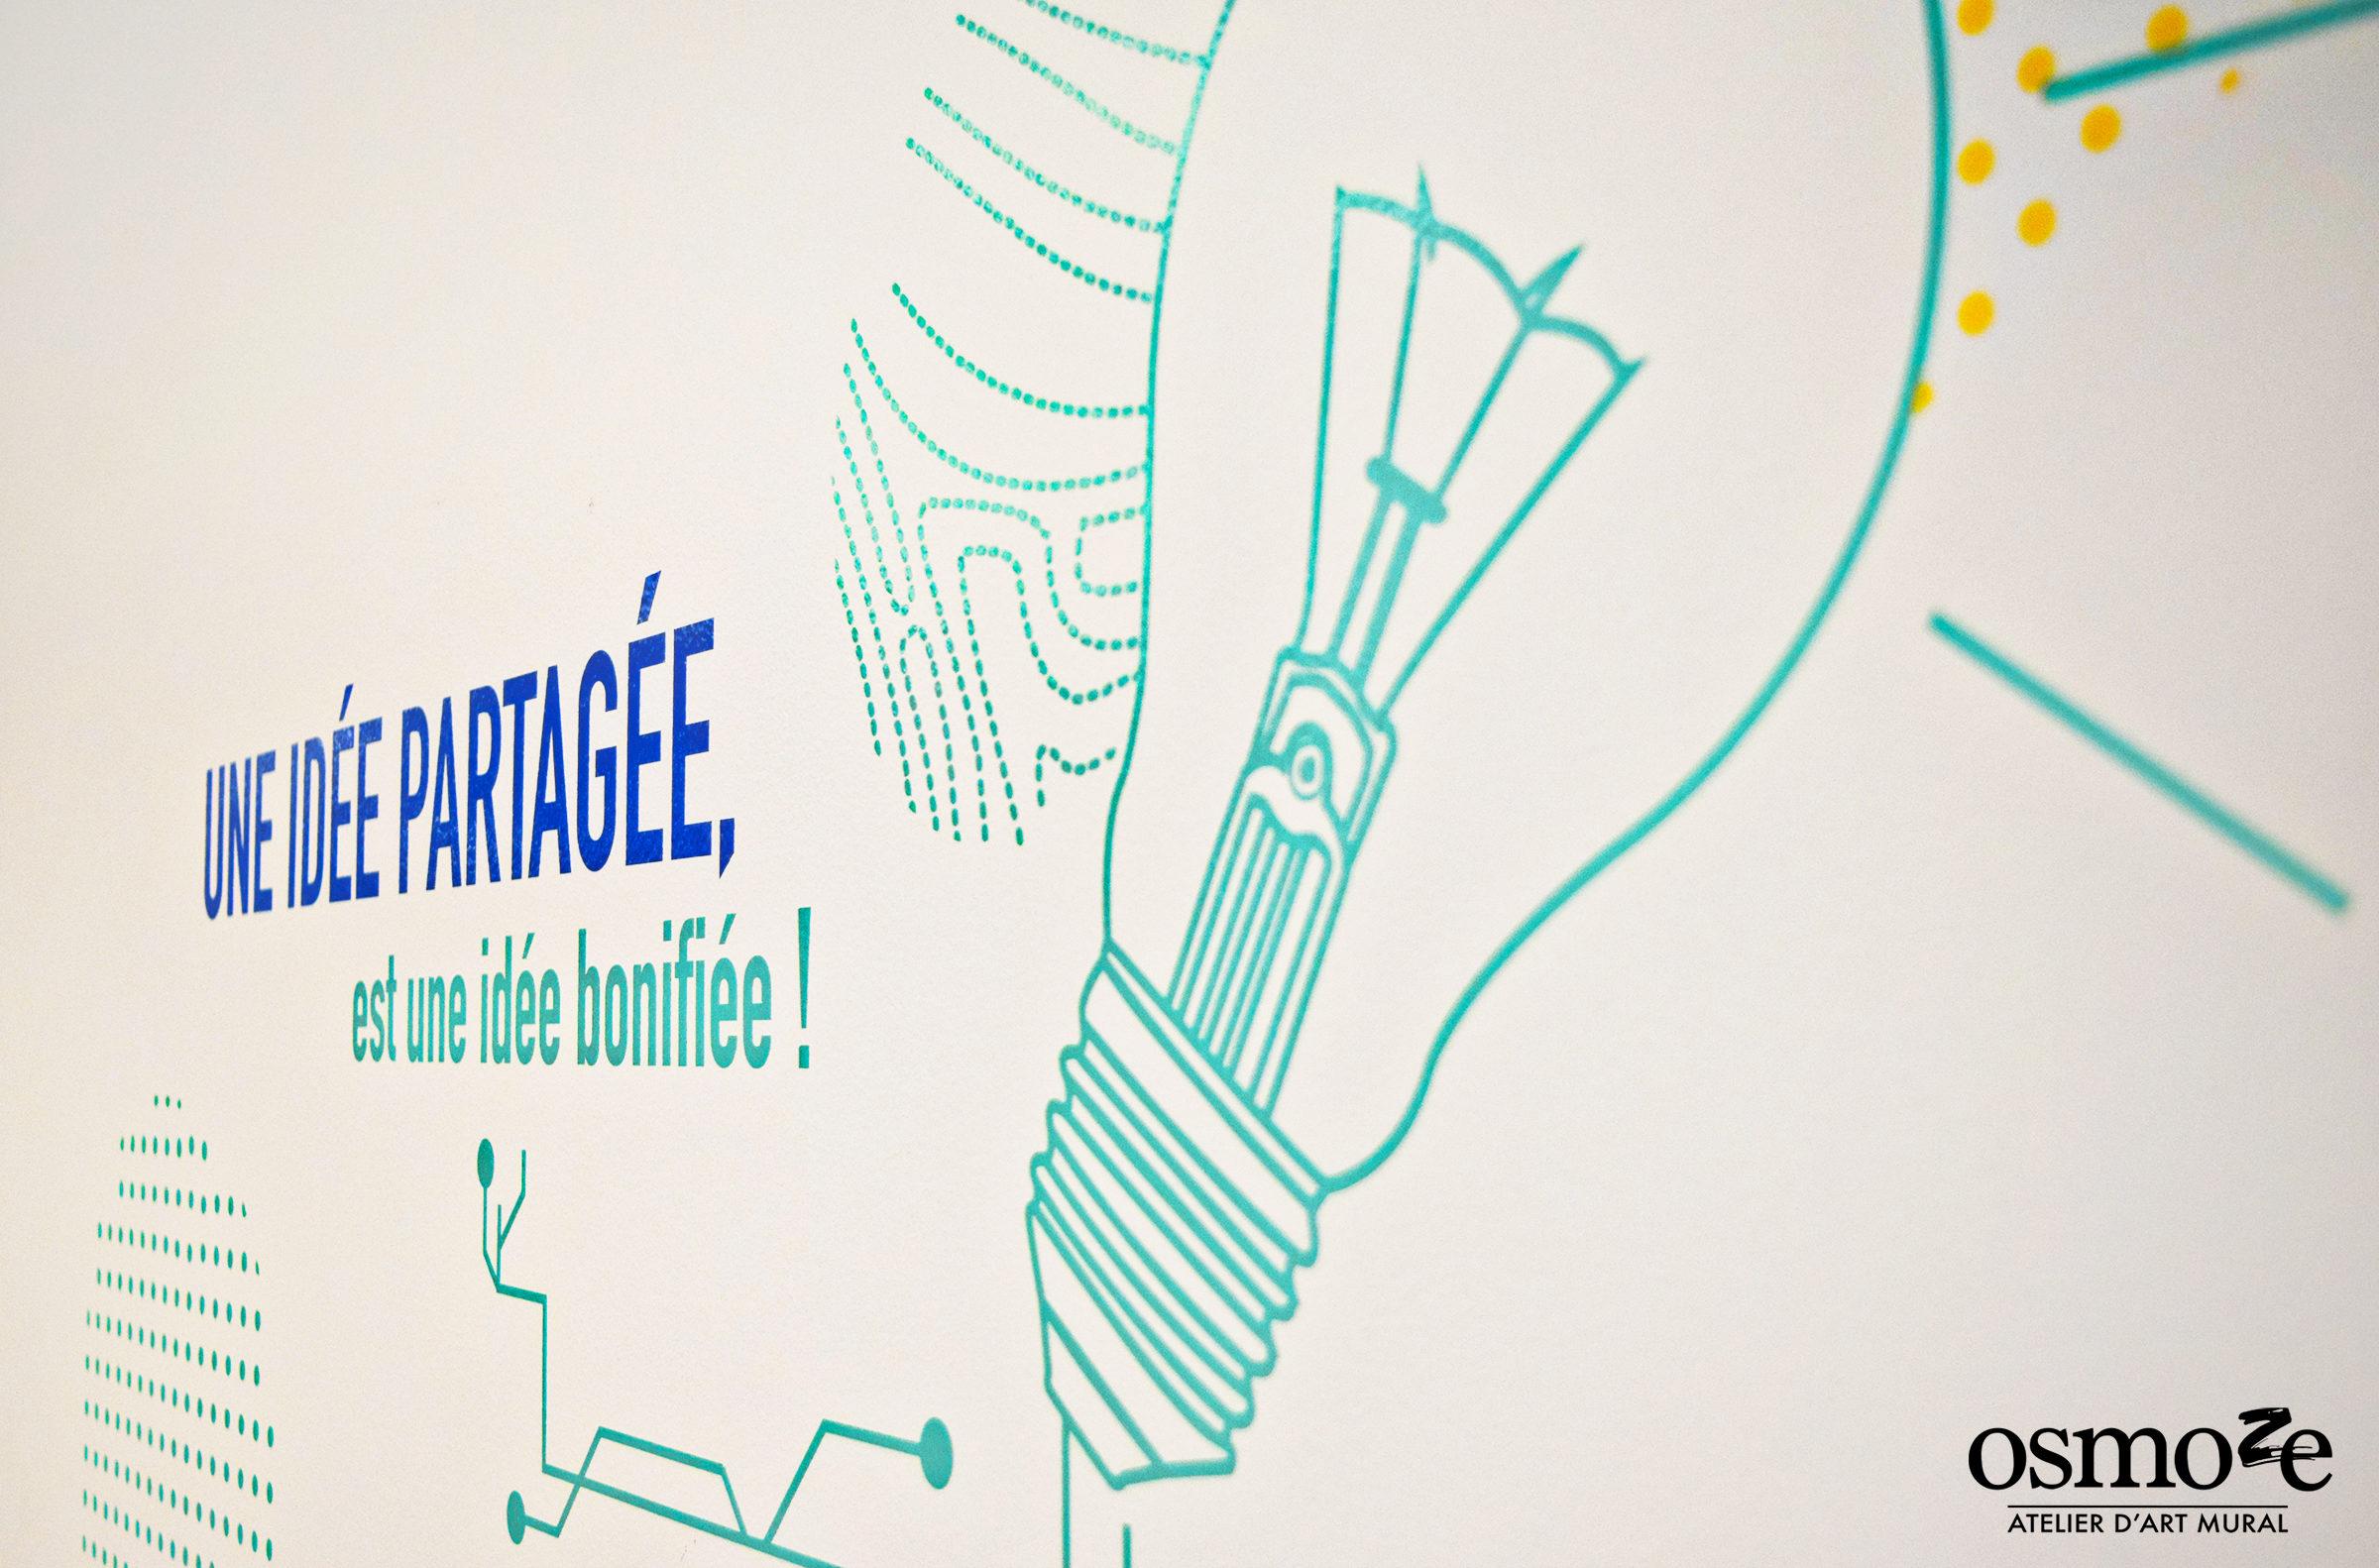 Osmoze > Décoration murale > ICADE > idée